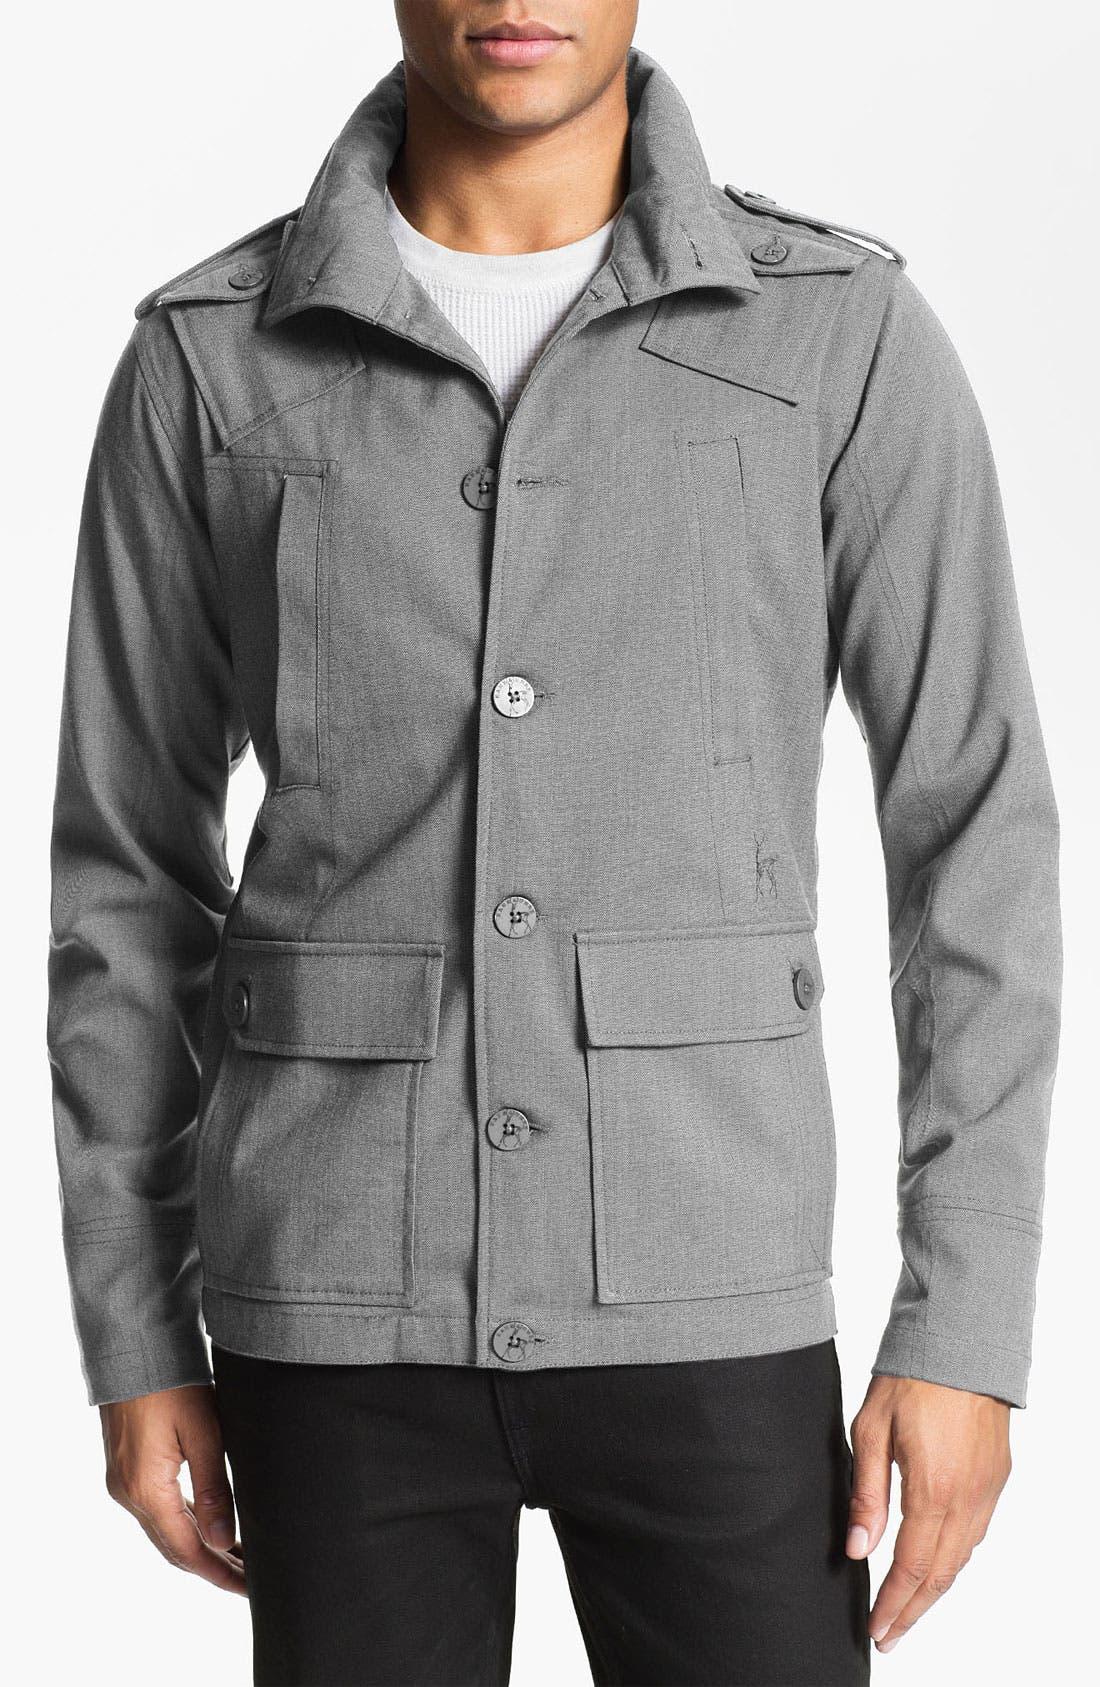 Main Image - Kane & Unke Herringbone Trim Fit Military Jacket